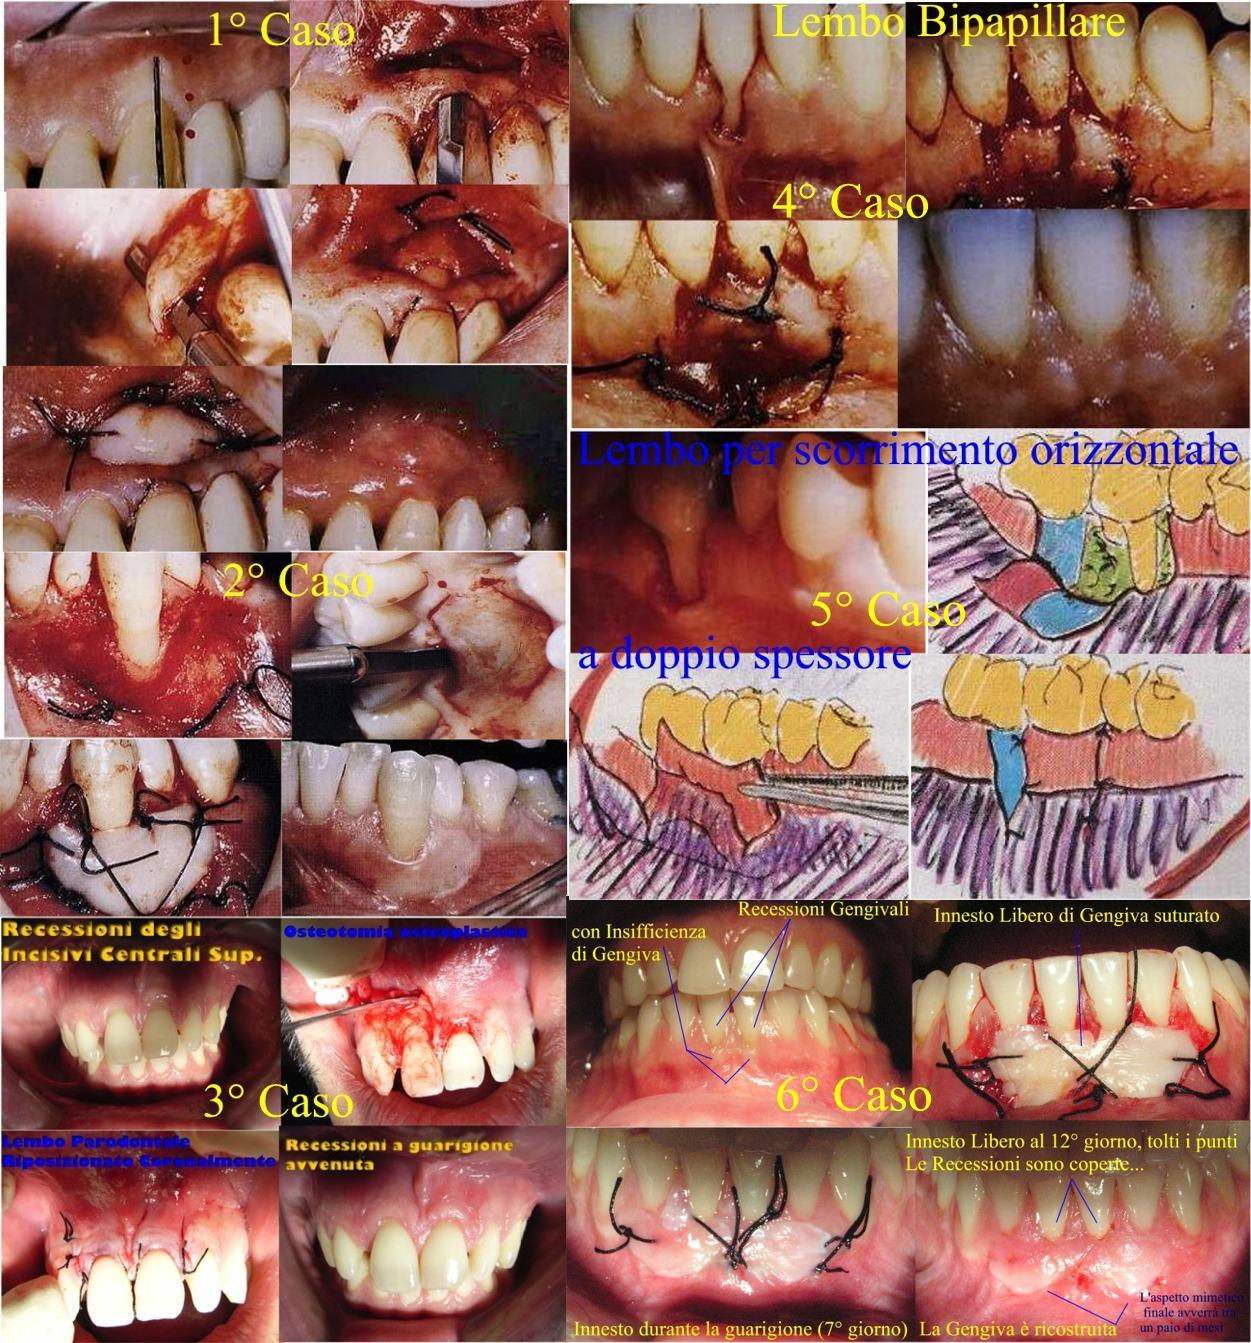 Recessioni Gengivali e loro Terapie, alcune tra le tante, di chirurgia parodontale mucogengivale. Da casistica del Dottor Gustavo Petti Parodontologo di Cagliari